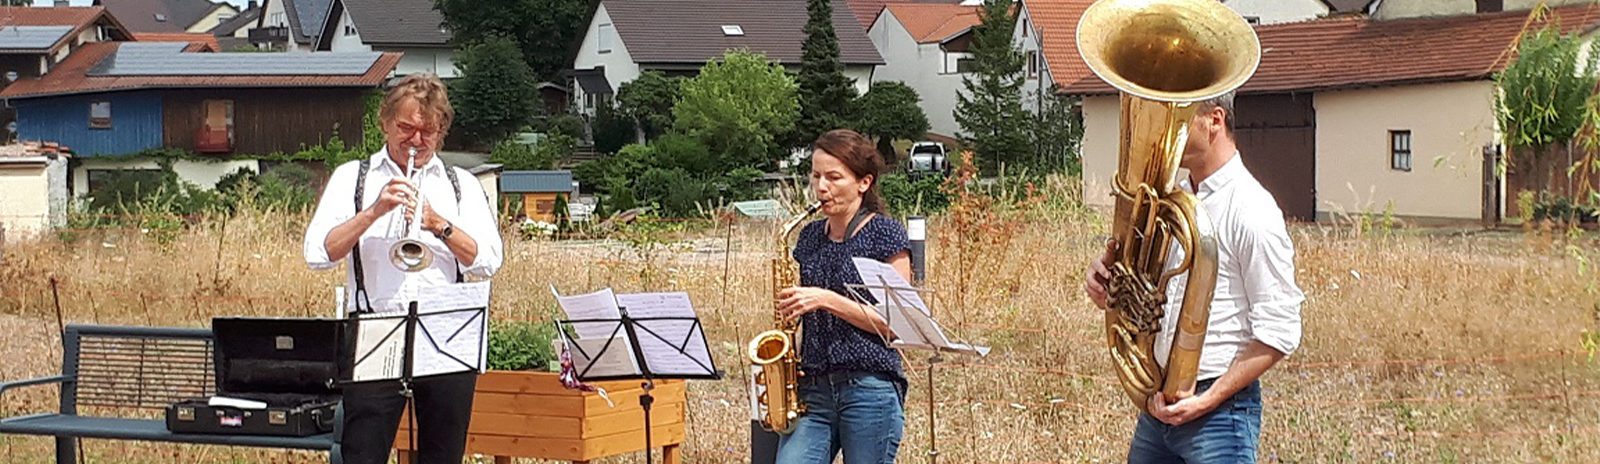 Haus_St_Anna_Konzert_slider